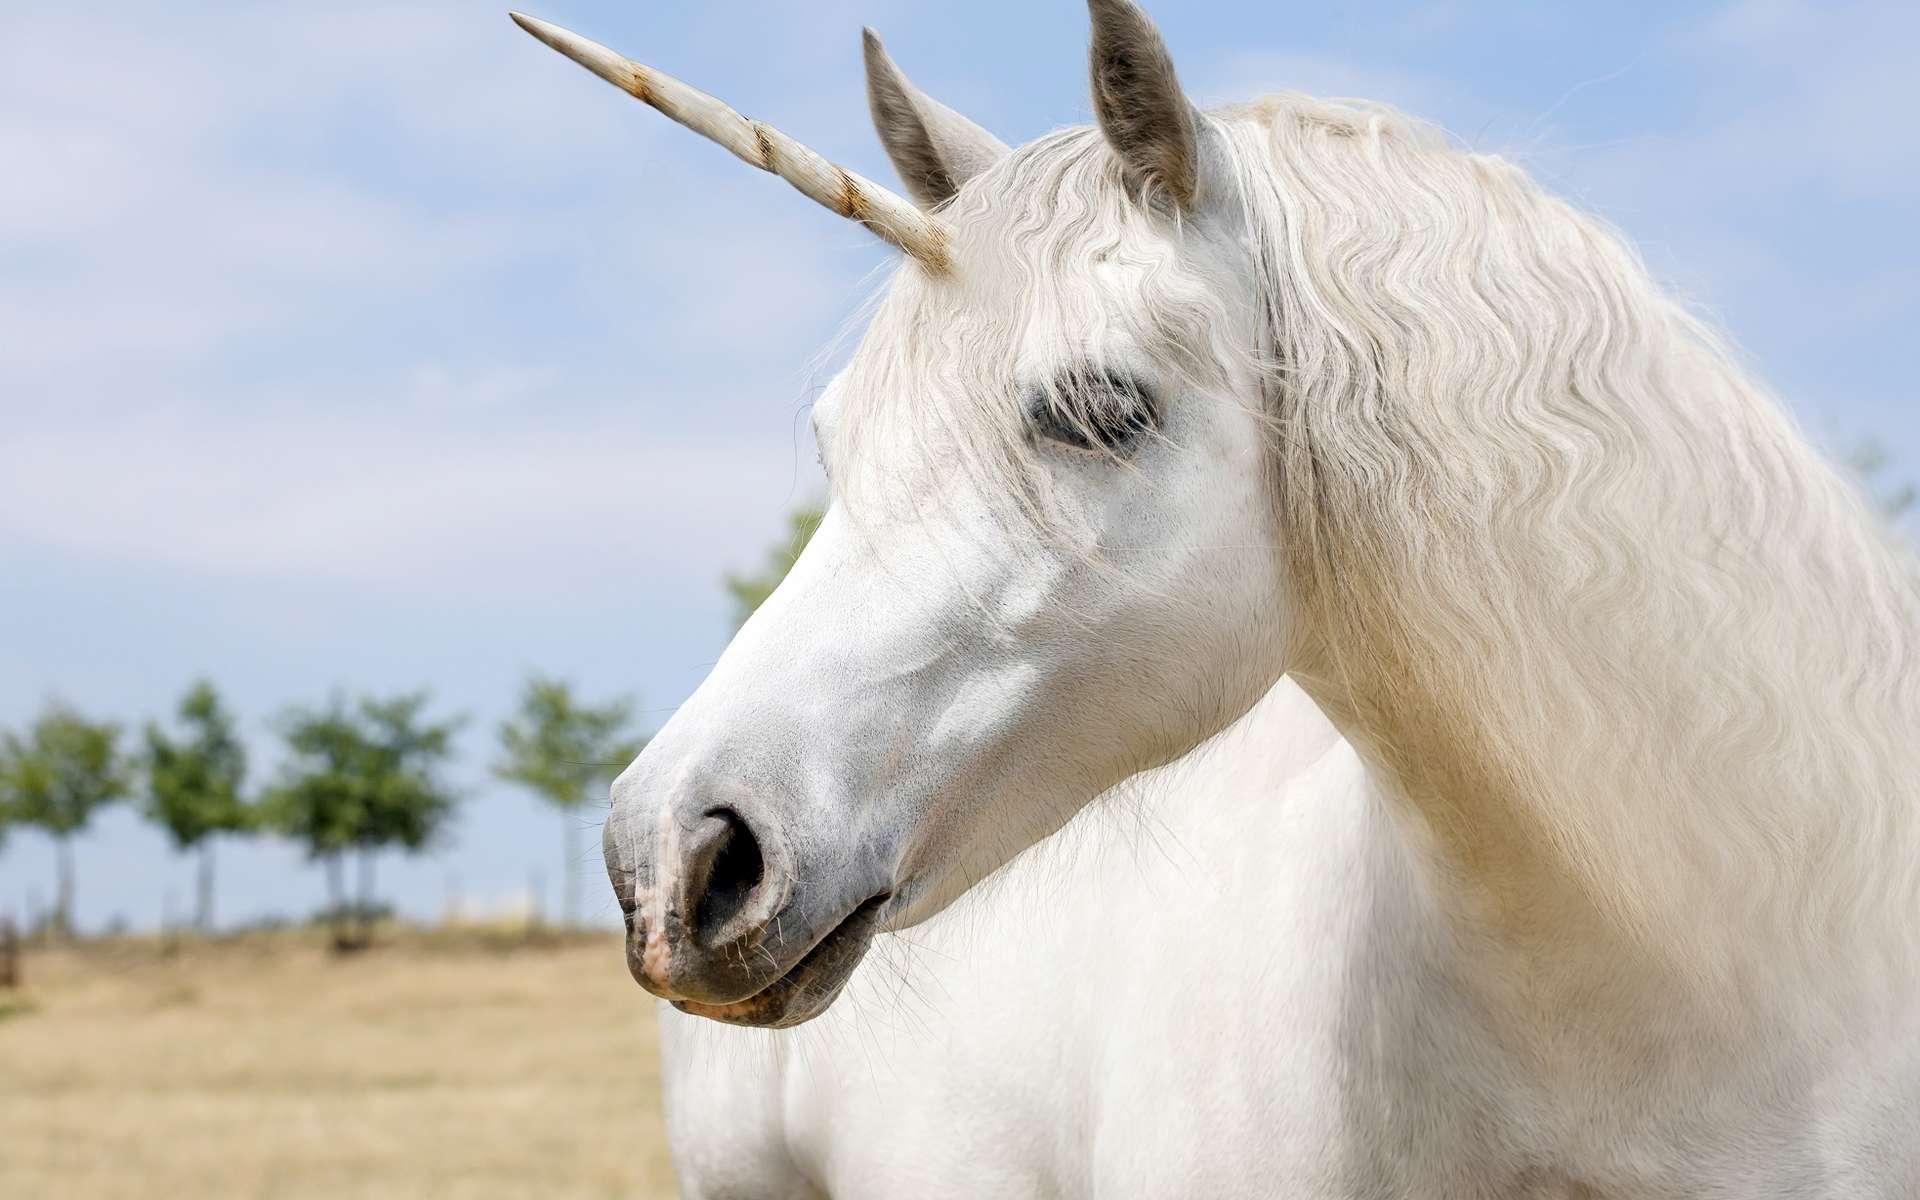 La licorne de Sibérie ne ressemblait pas vraiment à un cheval féérique. © Marben, Shutterstock